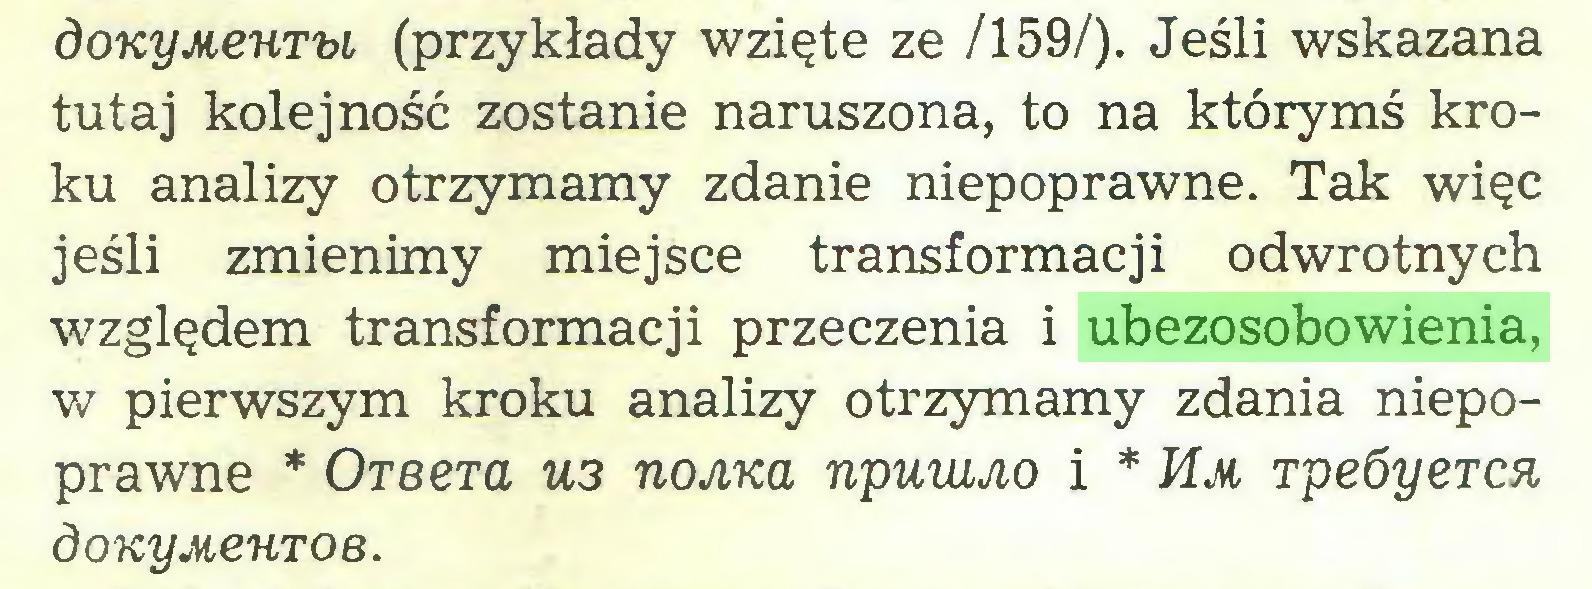 (...) doKyMeuru (przykłady wzięte ze /159/). Jeśli wskazana tutaj kolejność zostanie naruszona, to na którymś kroku analizy otrzymamy zdanie niepoprawne. Tak więc jeśli zmienimy miejsce transformacji odwrotnych względem transformacji przeczenia i ubezosobowienia, w pierwszym kroku analizy otrzymamy zdania niepoprawne * Oreera U3 noAKa npuwjio i * Mm rpeóyercn, doKyMeuroB...